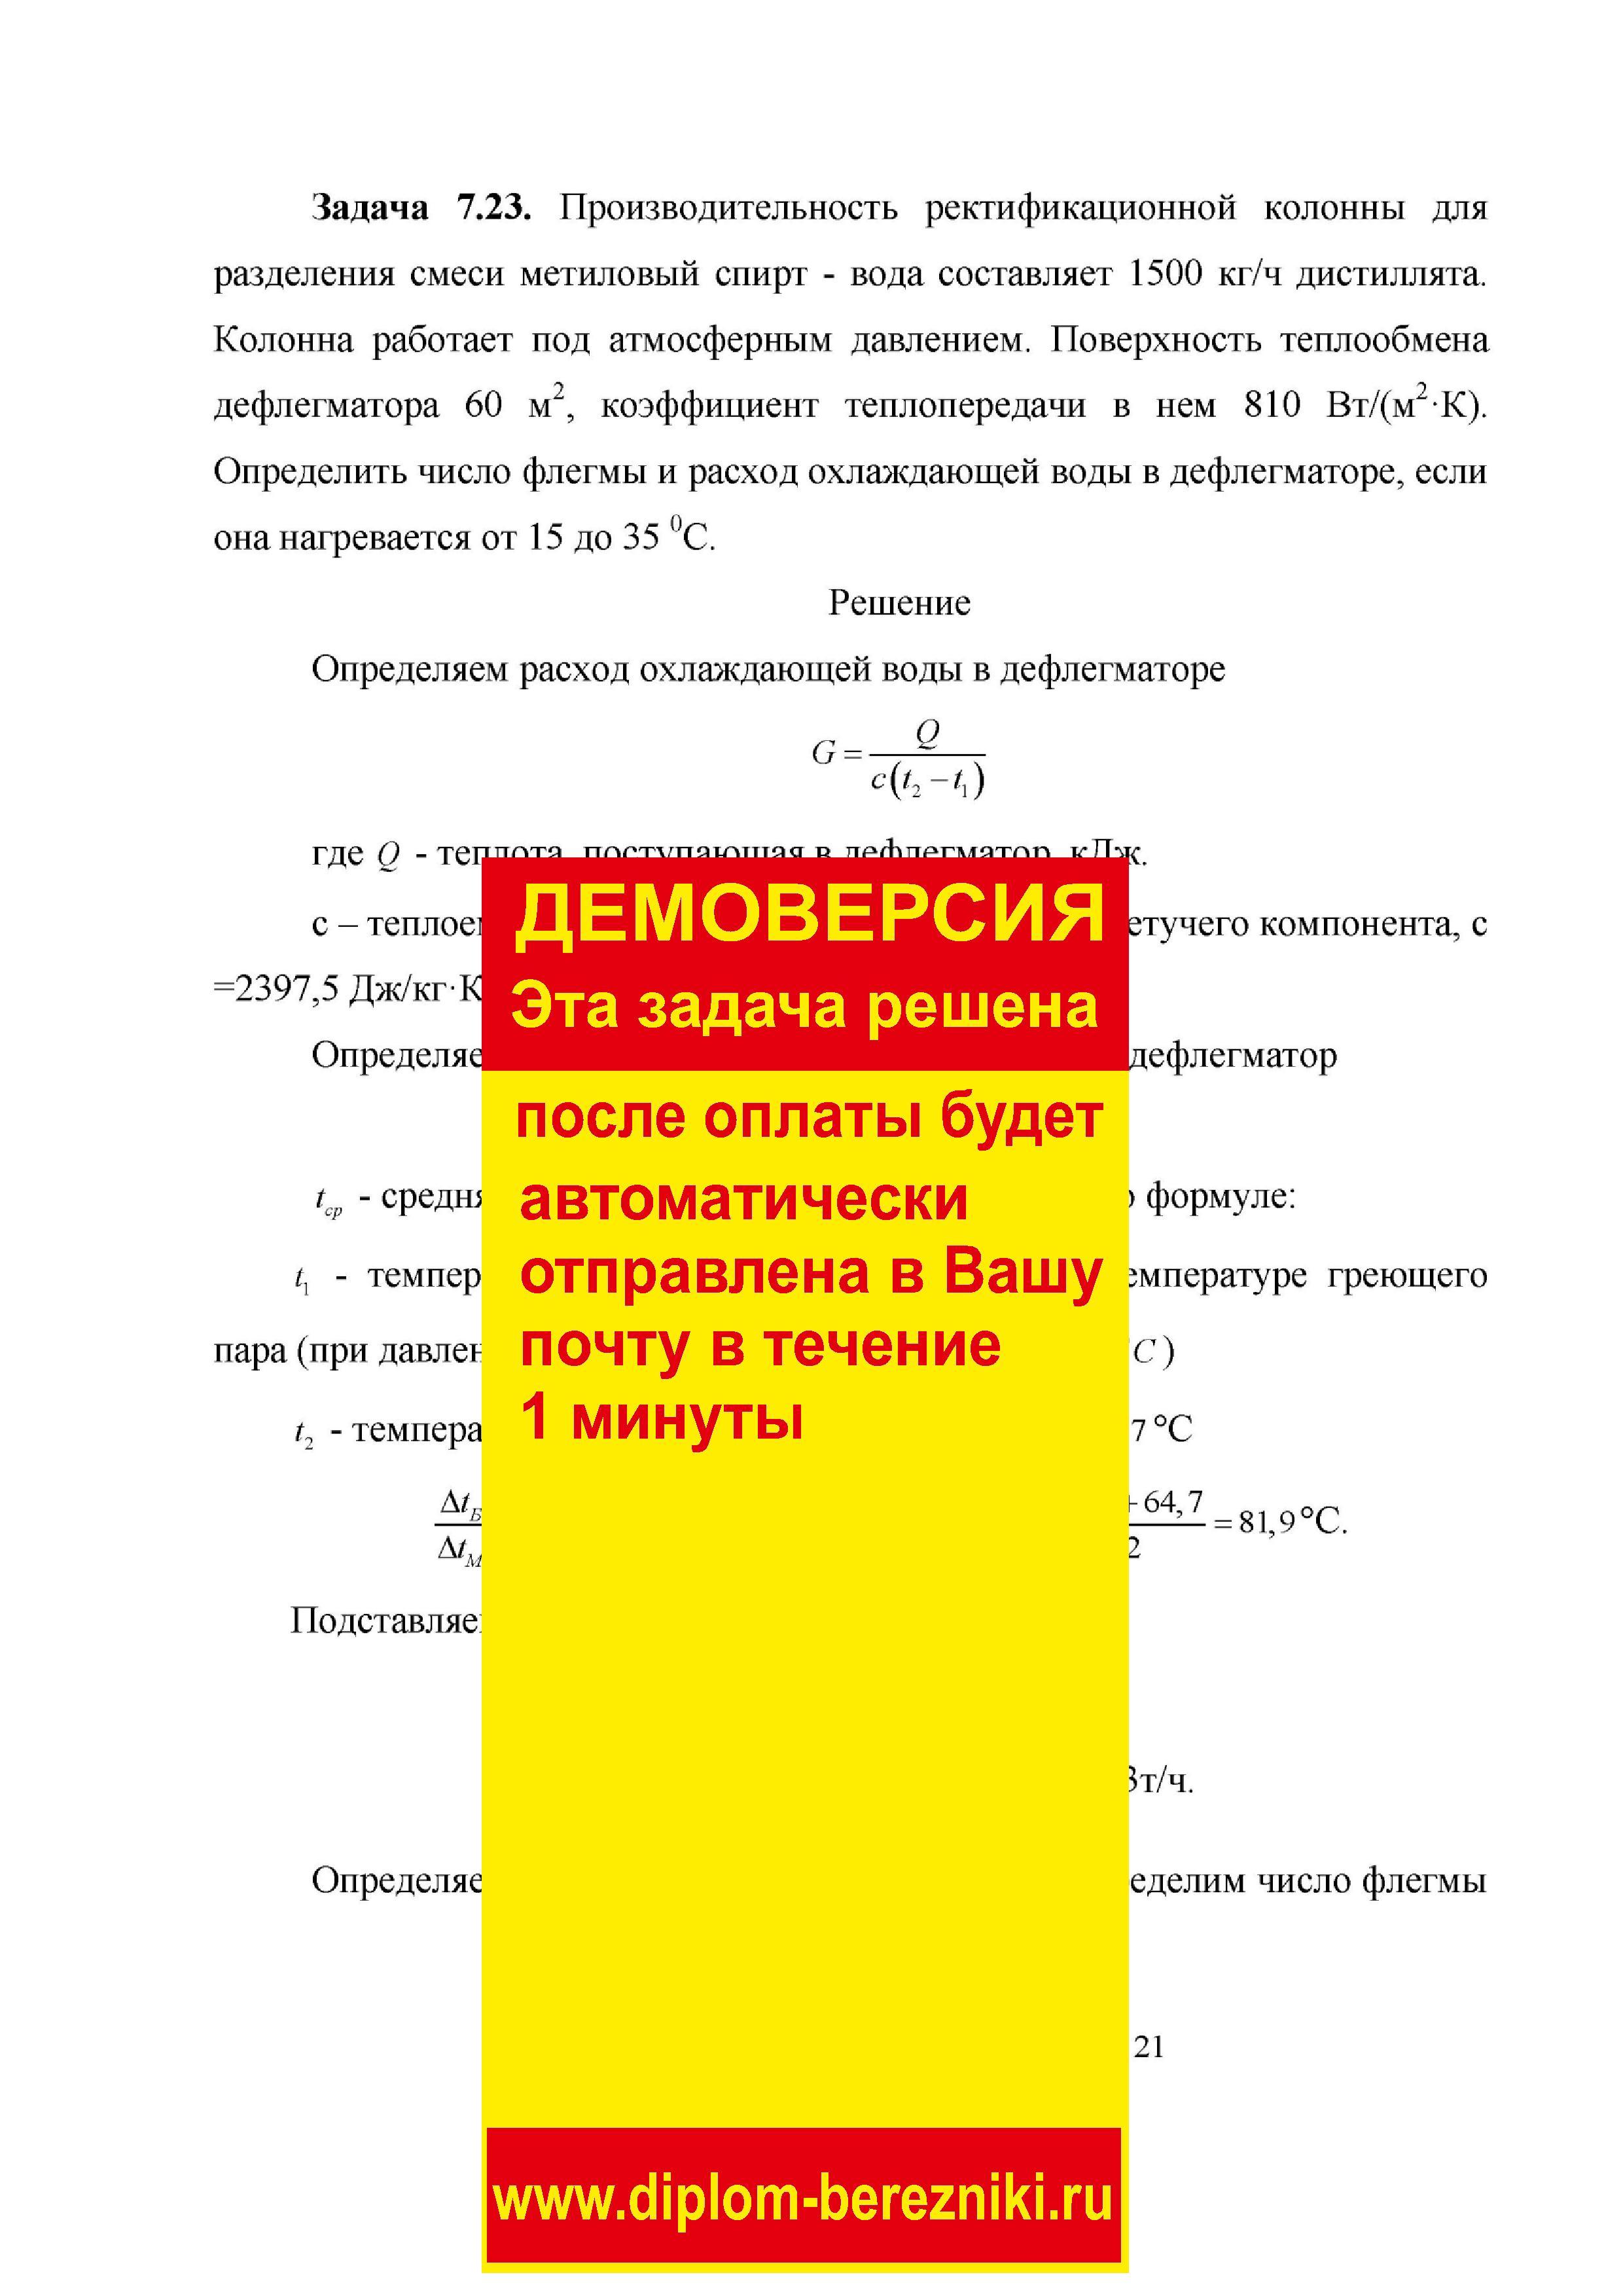 Решение задачи 7.23 по ПАХТ из задачника Павлова Романкова Носкова